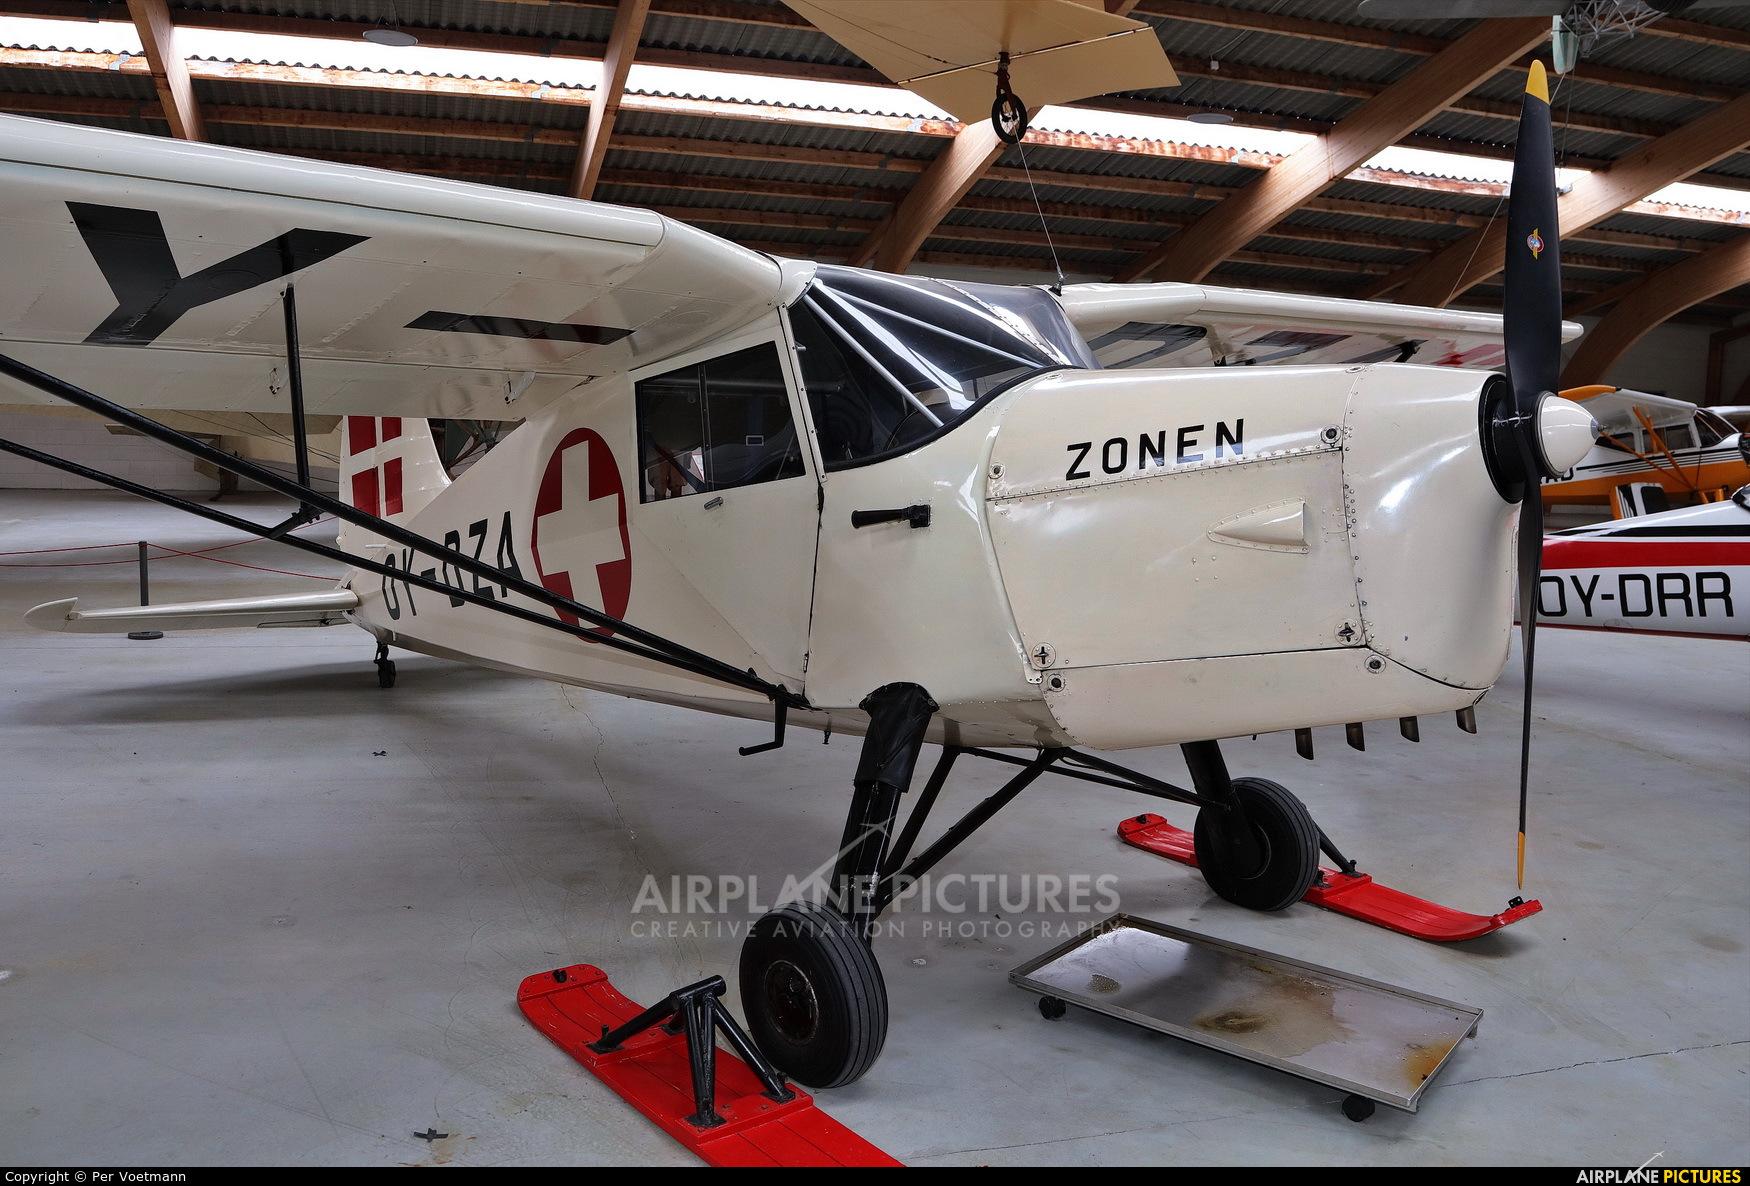 Private OY-DZA aircraft at Stauning